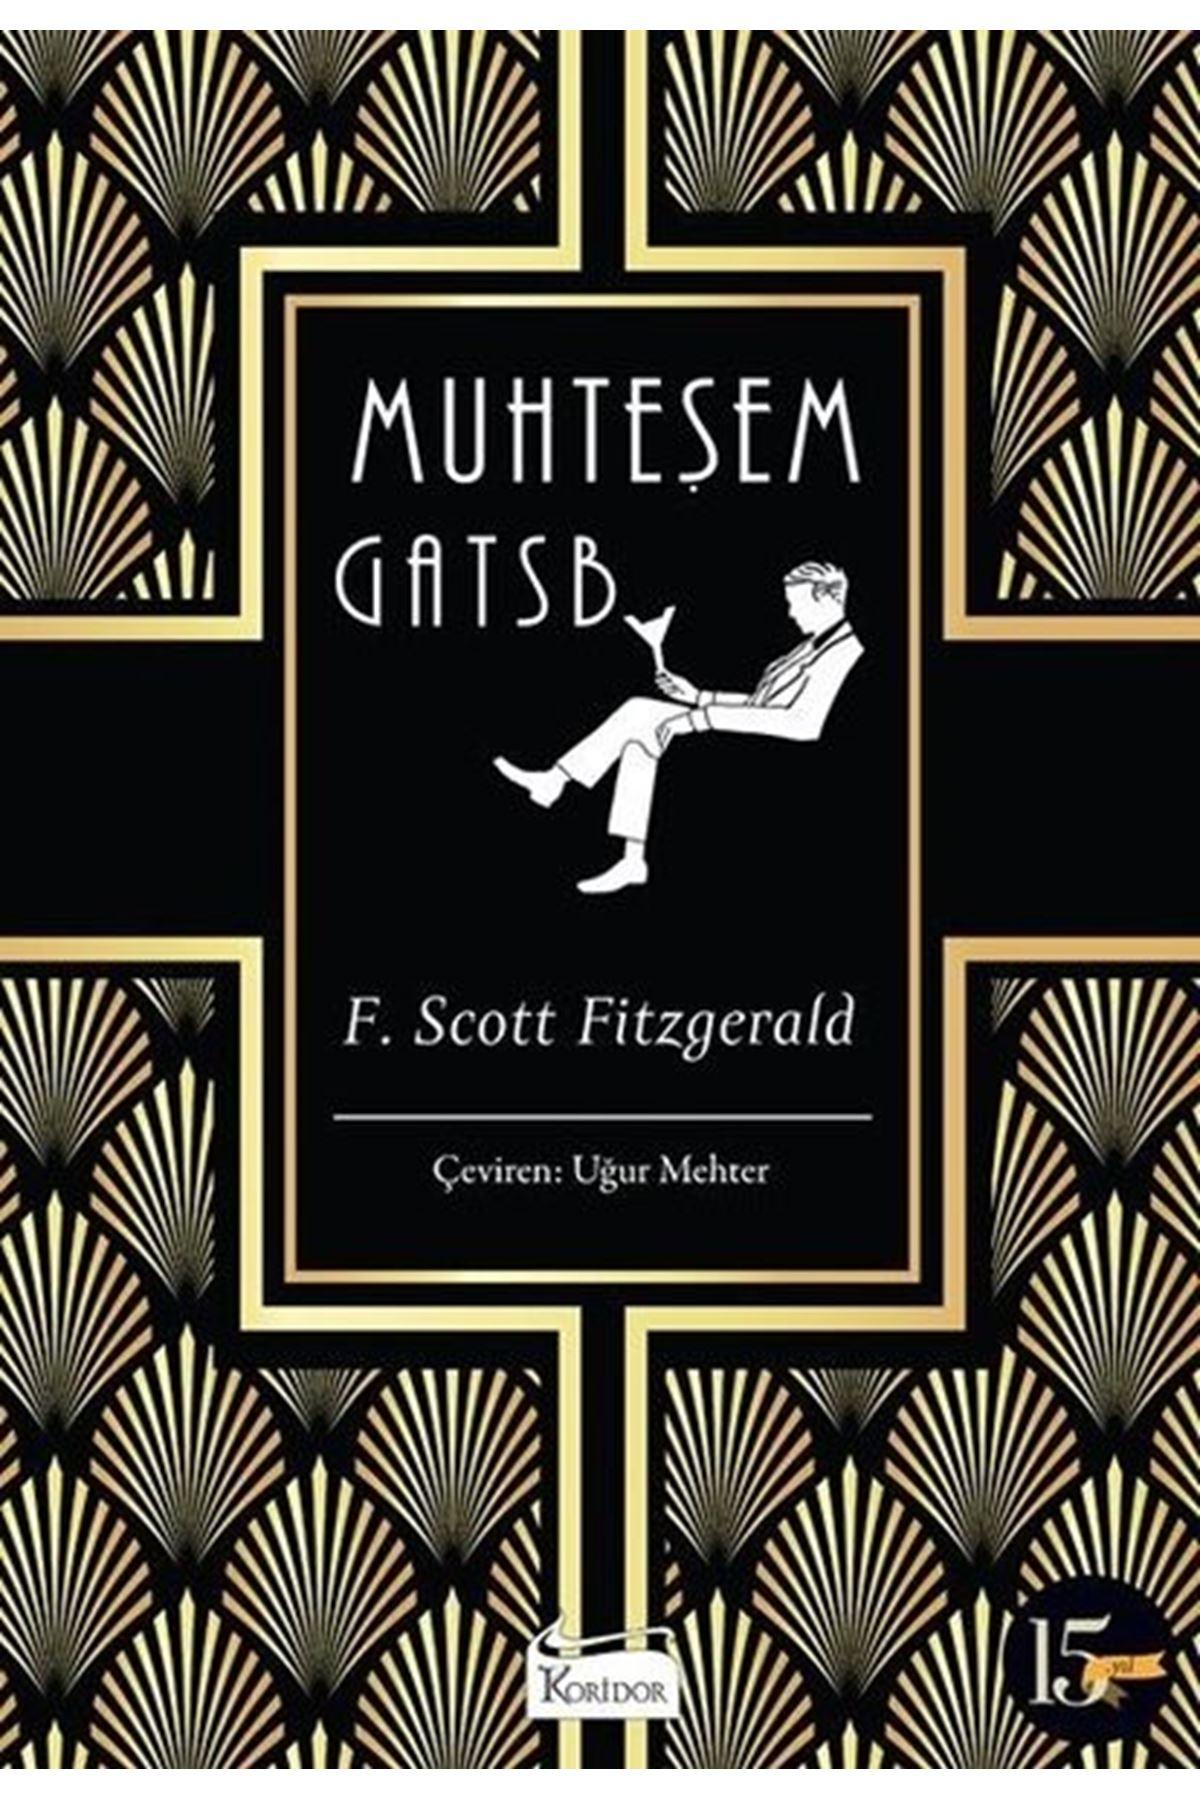 F.SCOTT FİTZGERALD - MUHTEŞEM GATSBY